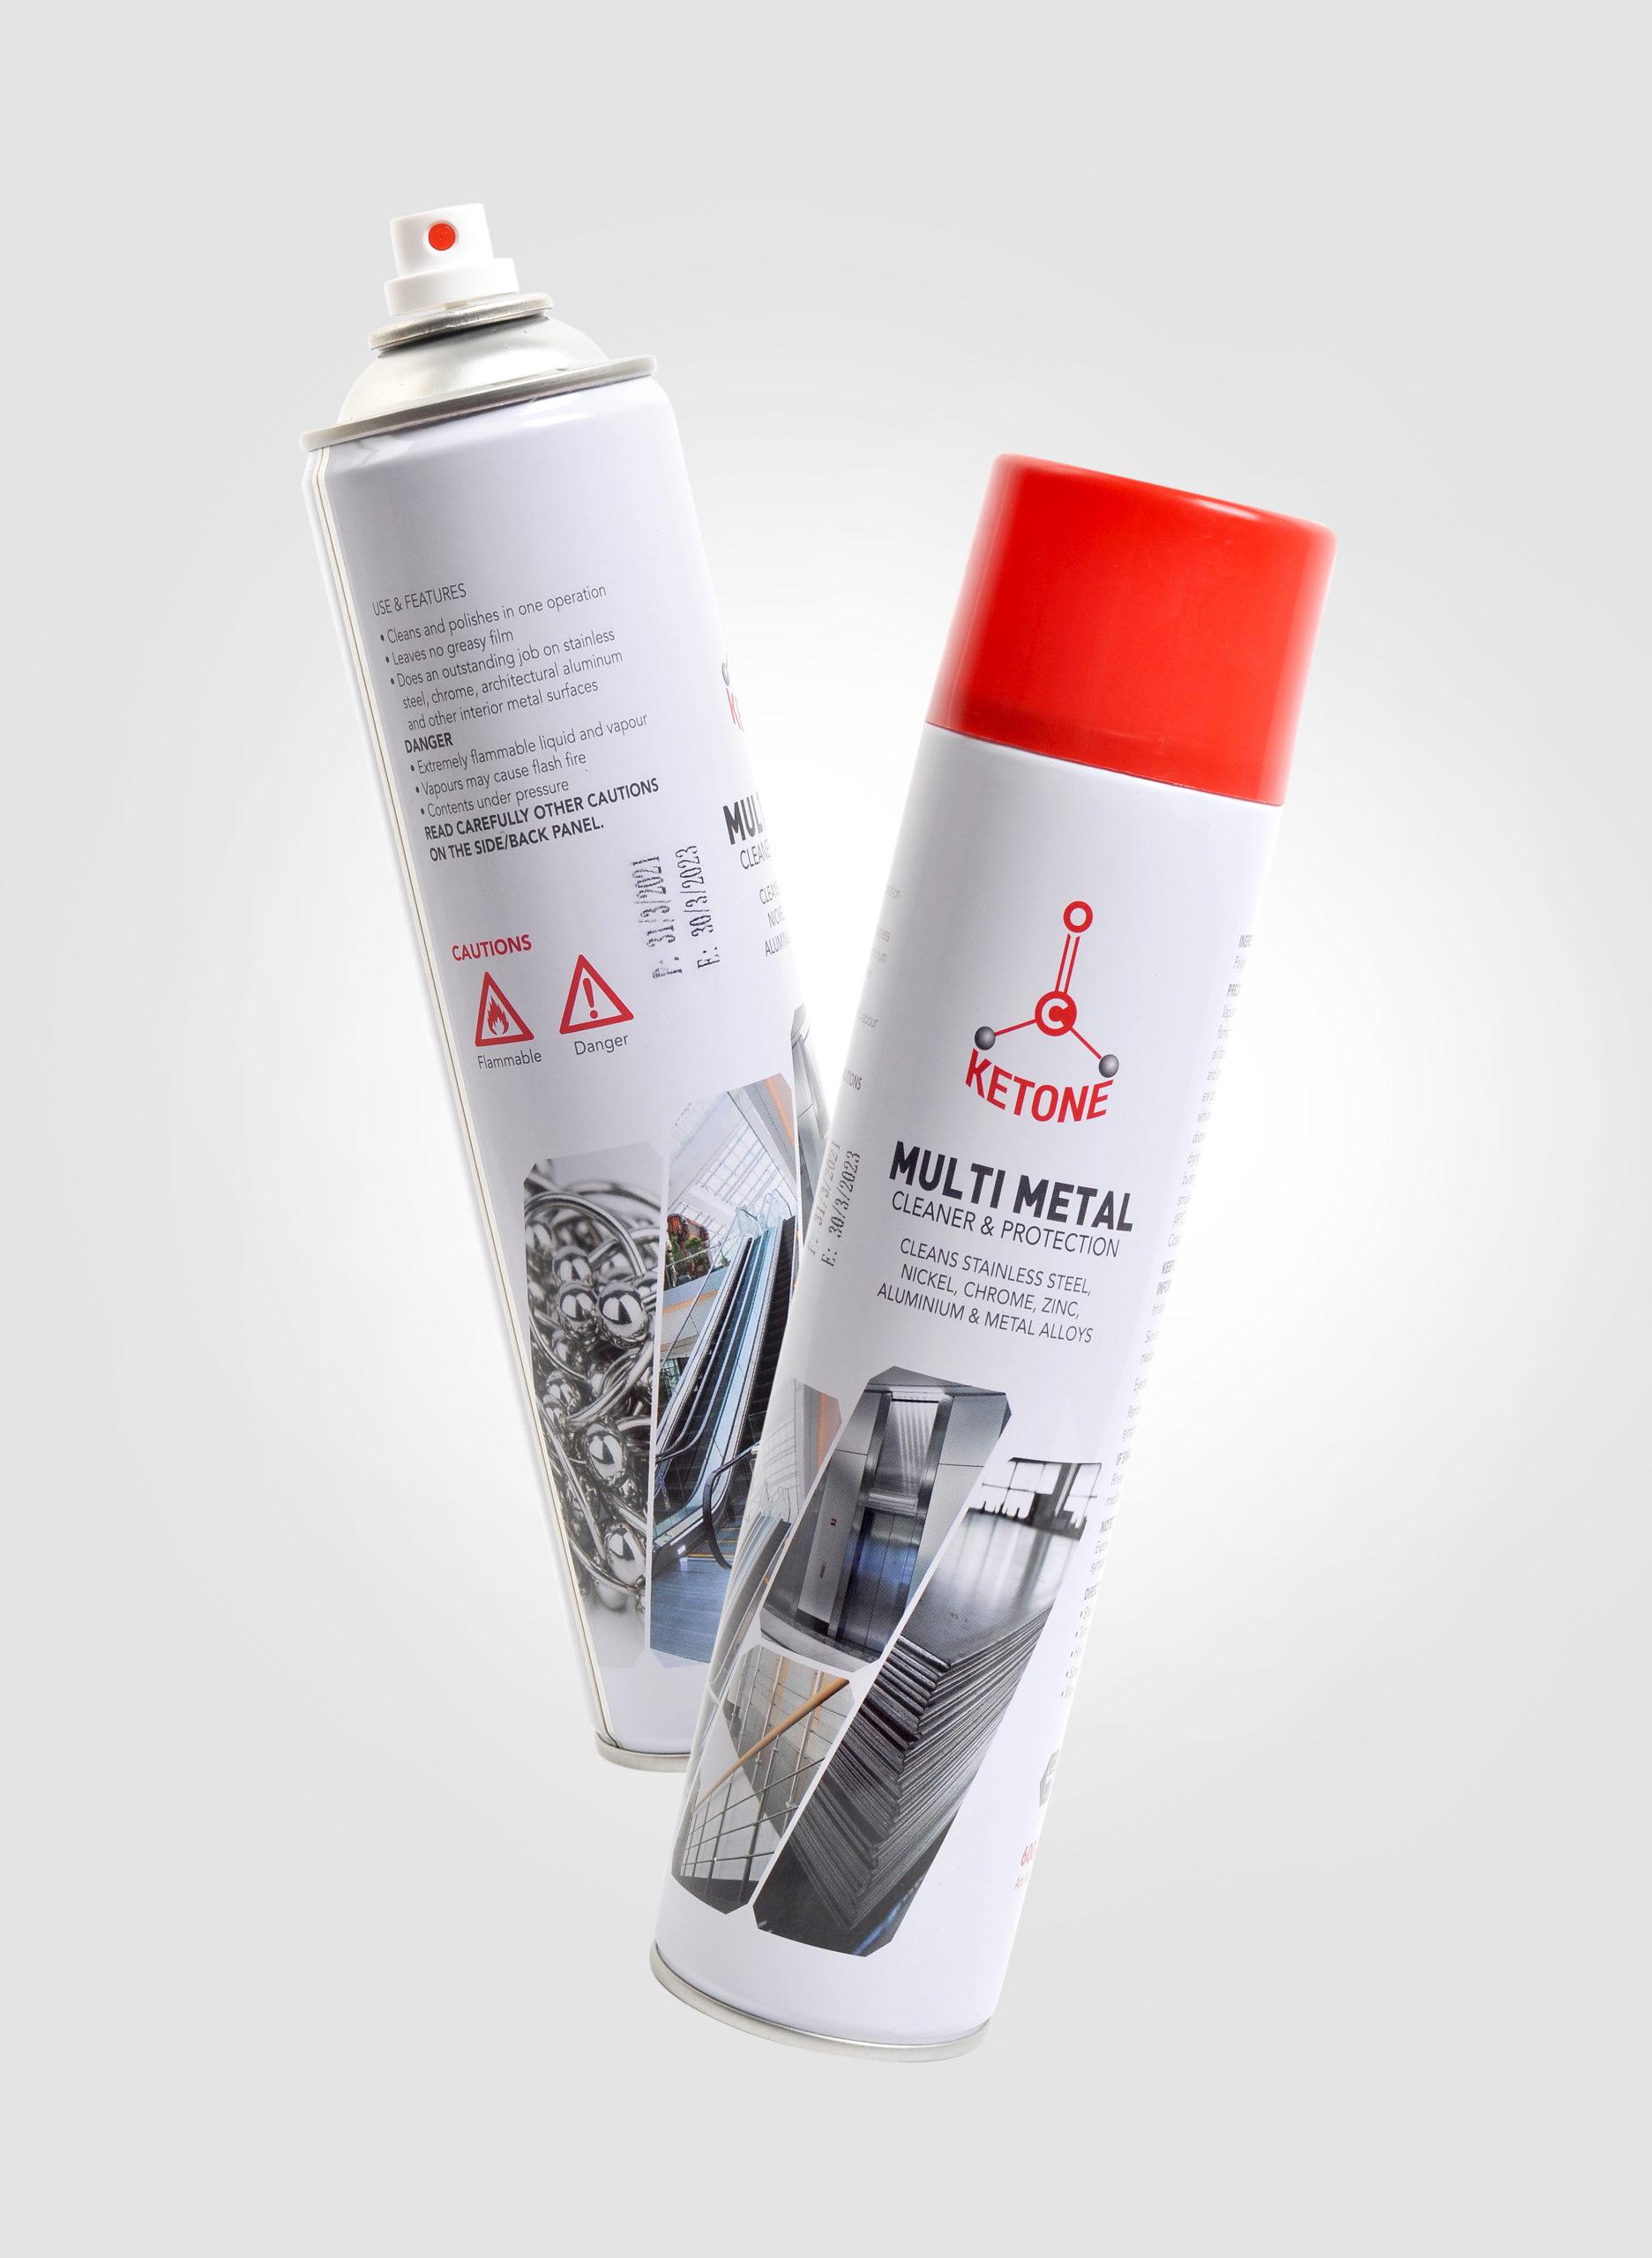 Multi Metal Cleaner Spray